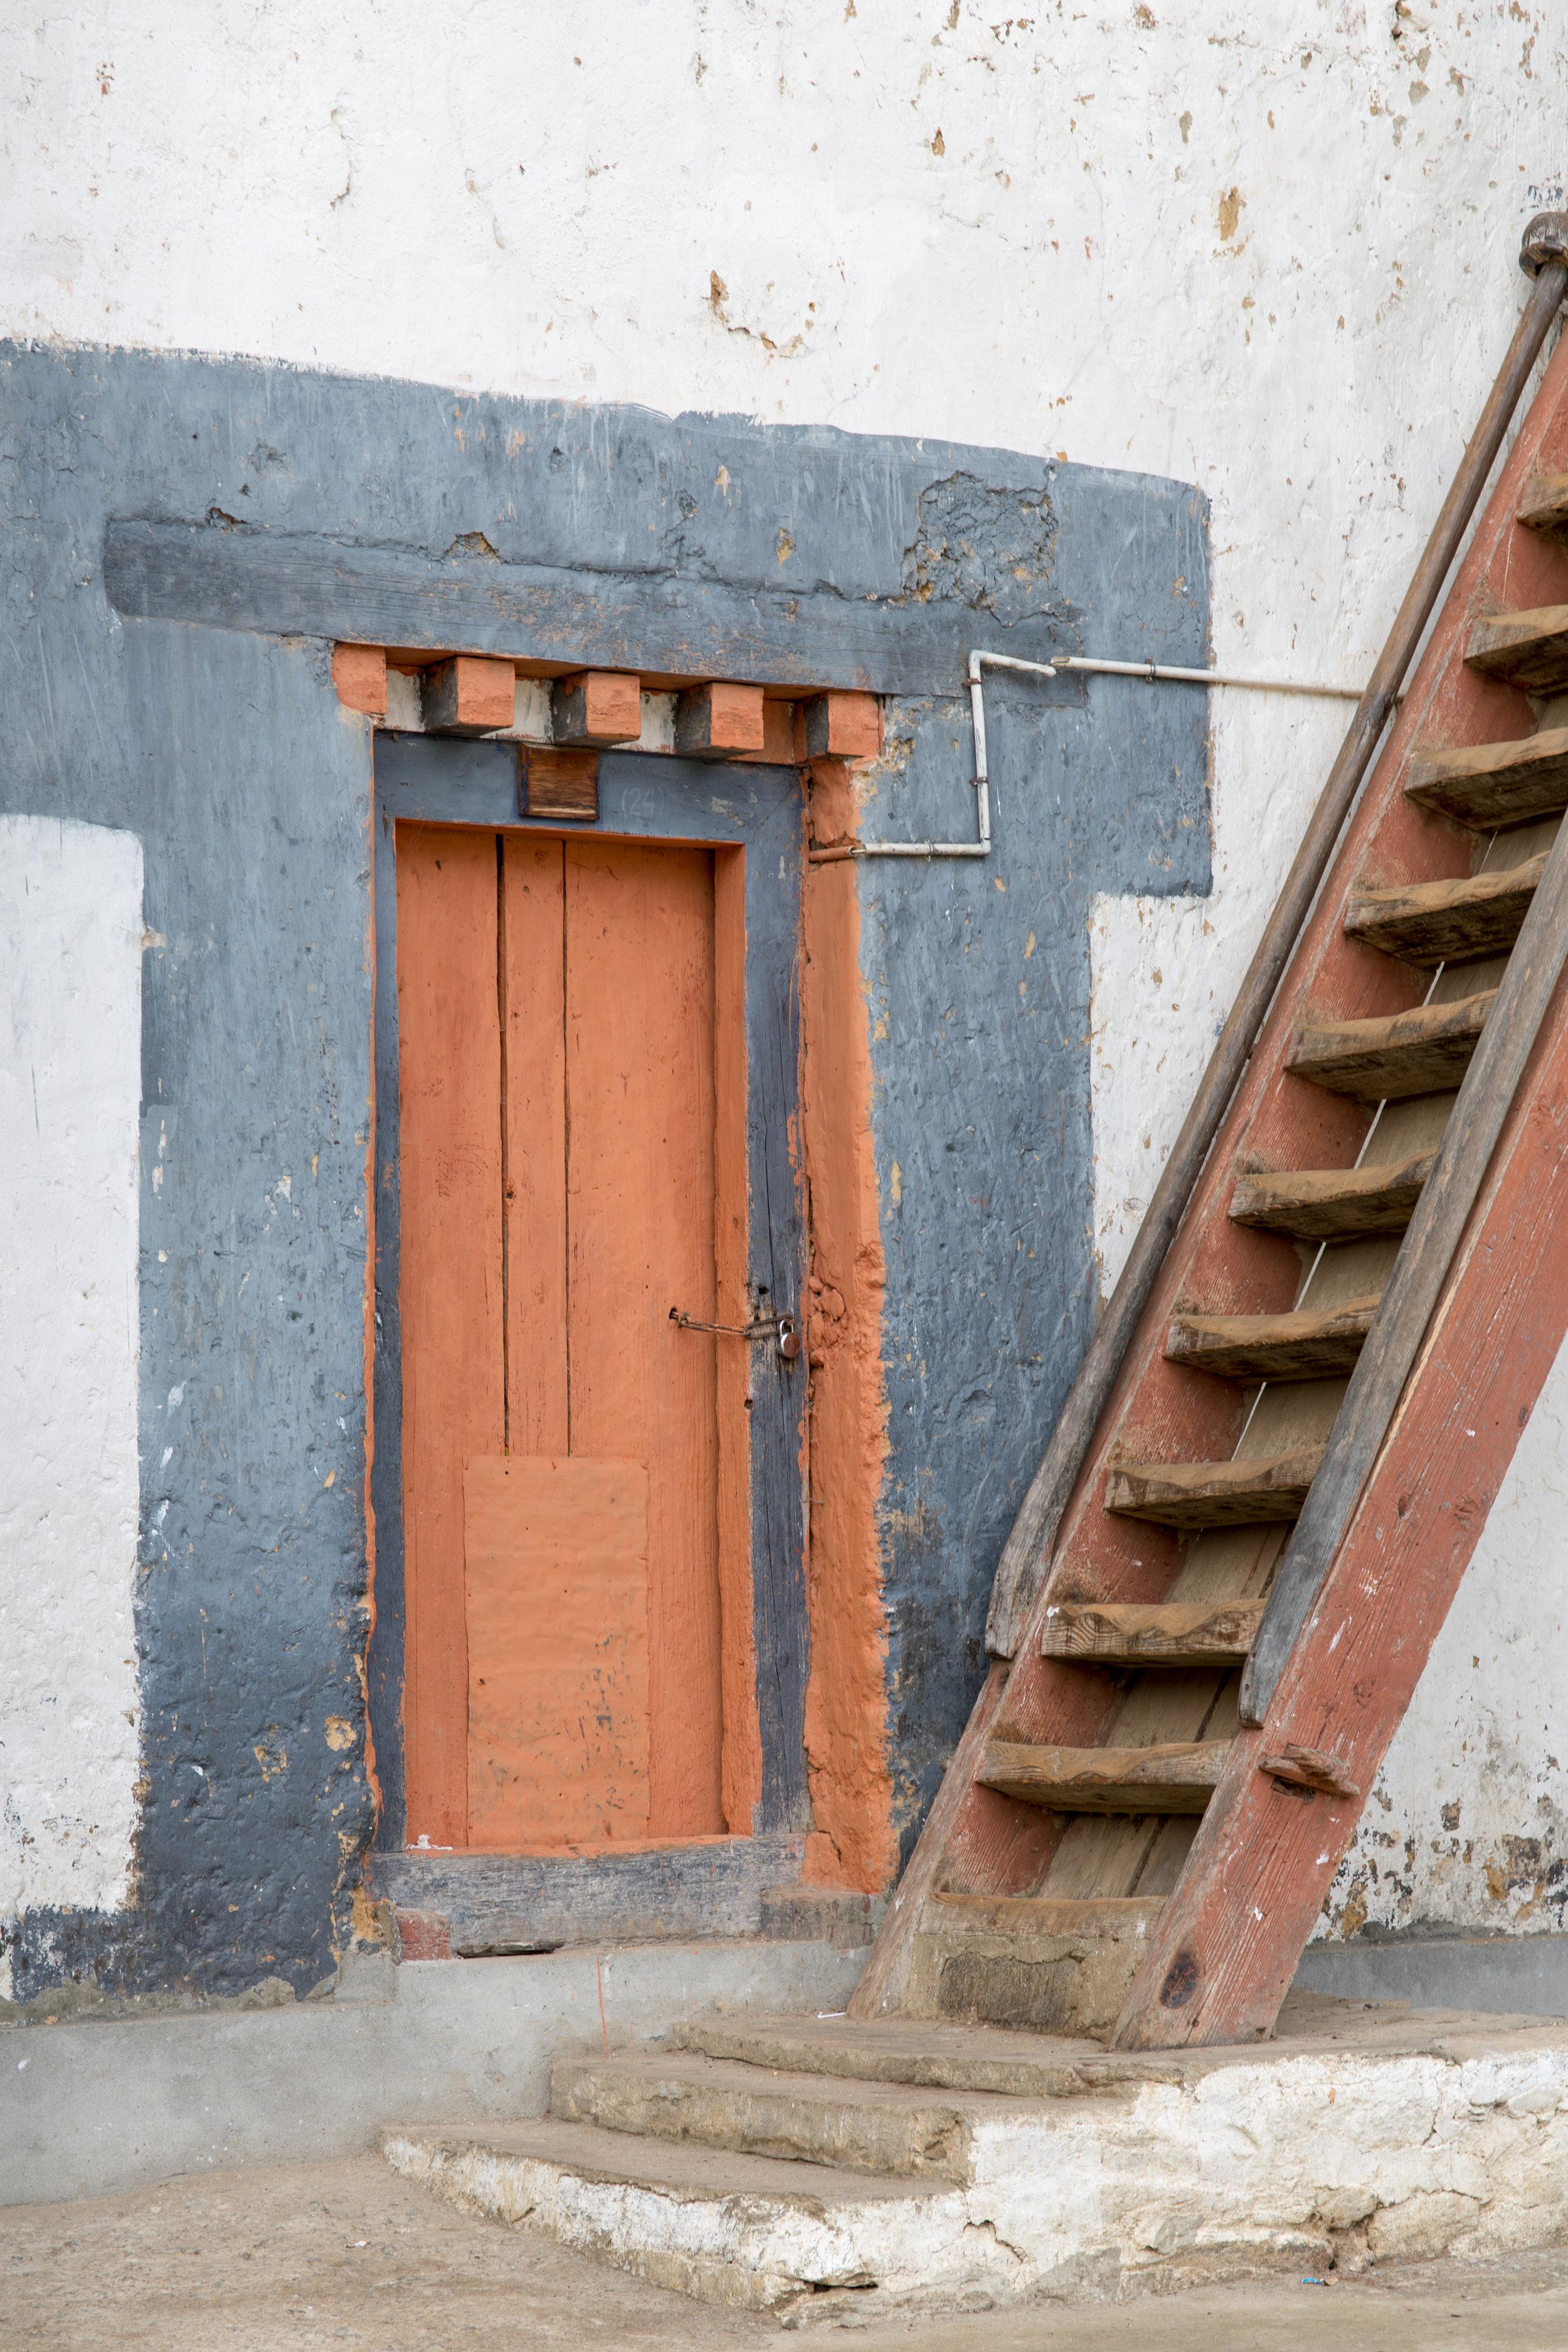 bhutan-13.jpg